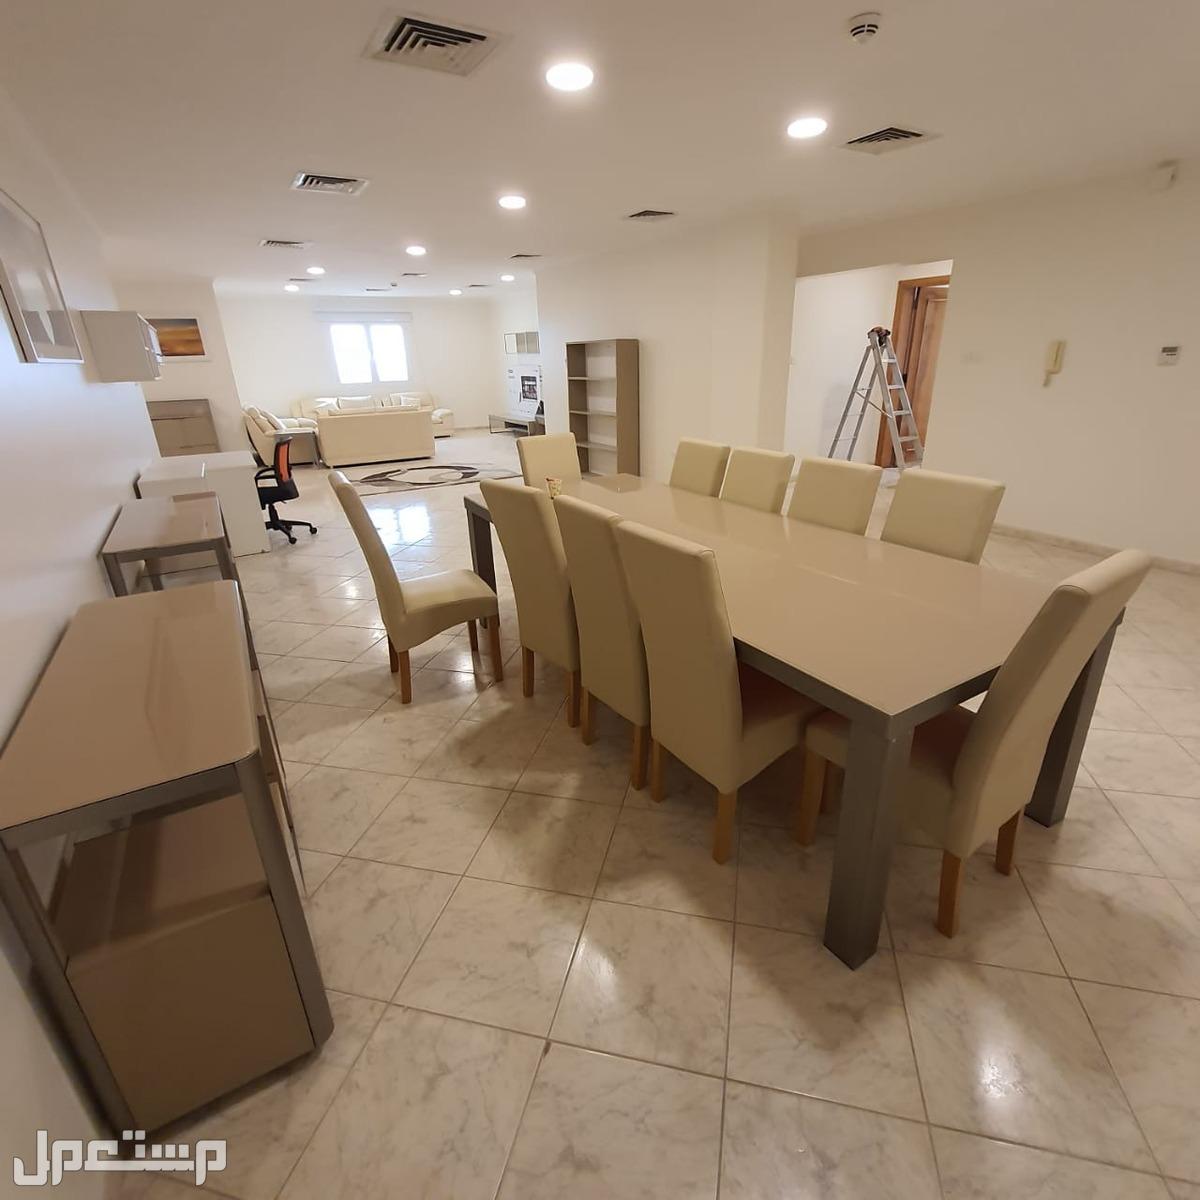 جاما 40 | شقق راقيه غرفتين مؤثثه للايجار في الجبيل